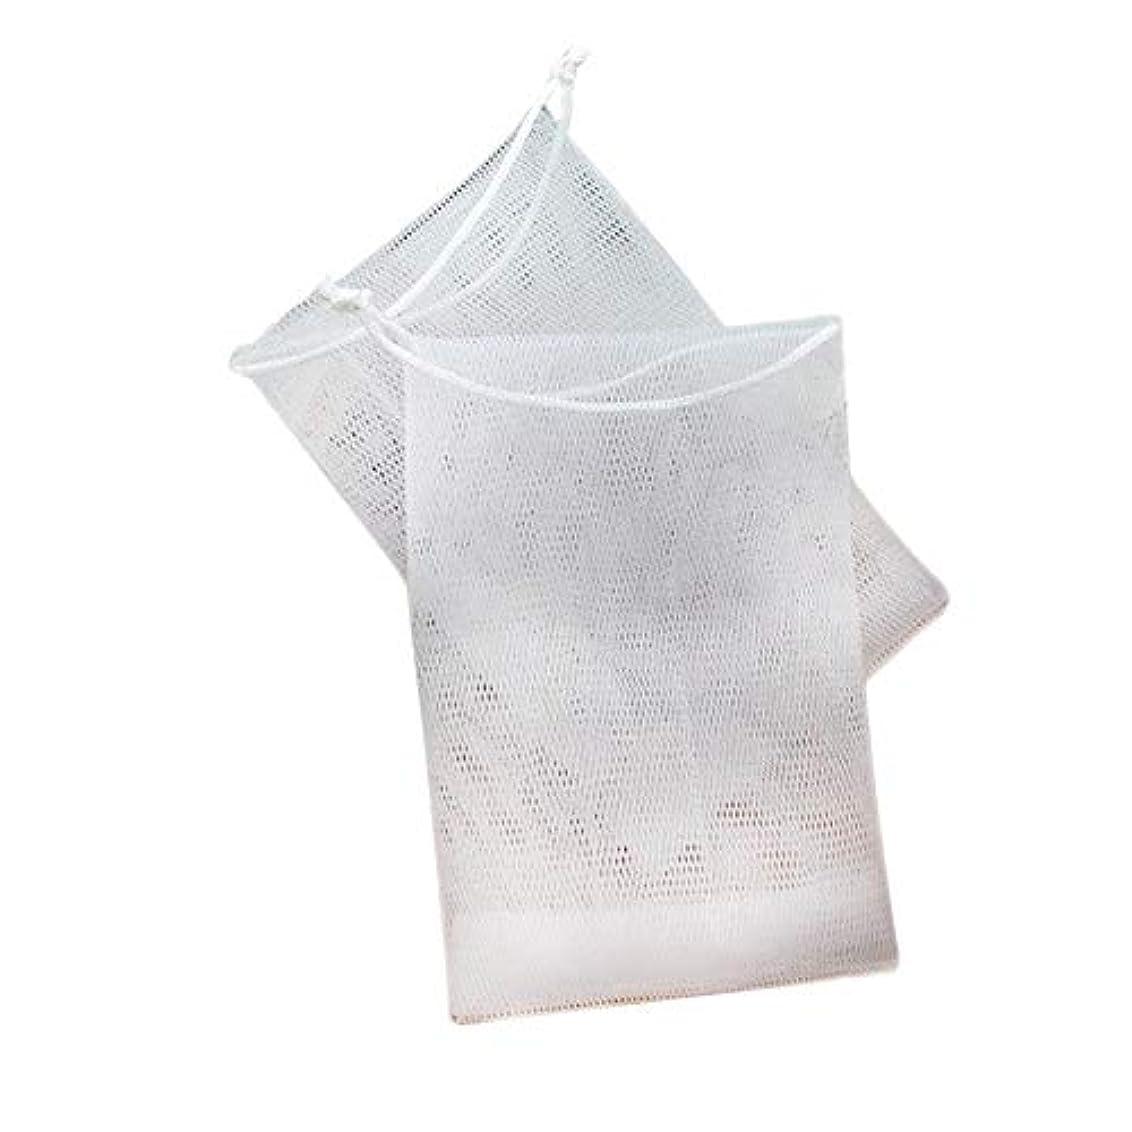 褒賞王室愛人石鹸の袋の網のドローストリング袋は ハンドメイドの石鹸の泡泡ネットメーカーのために掛けることができます 12×9cm